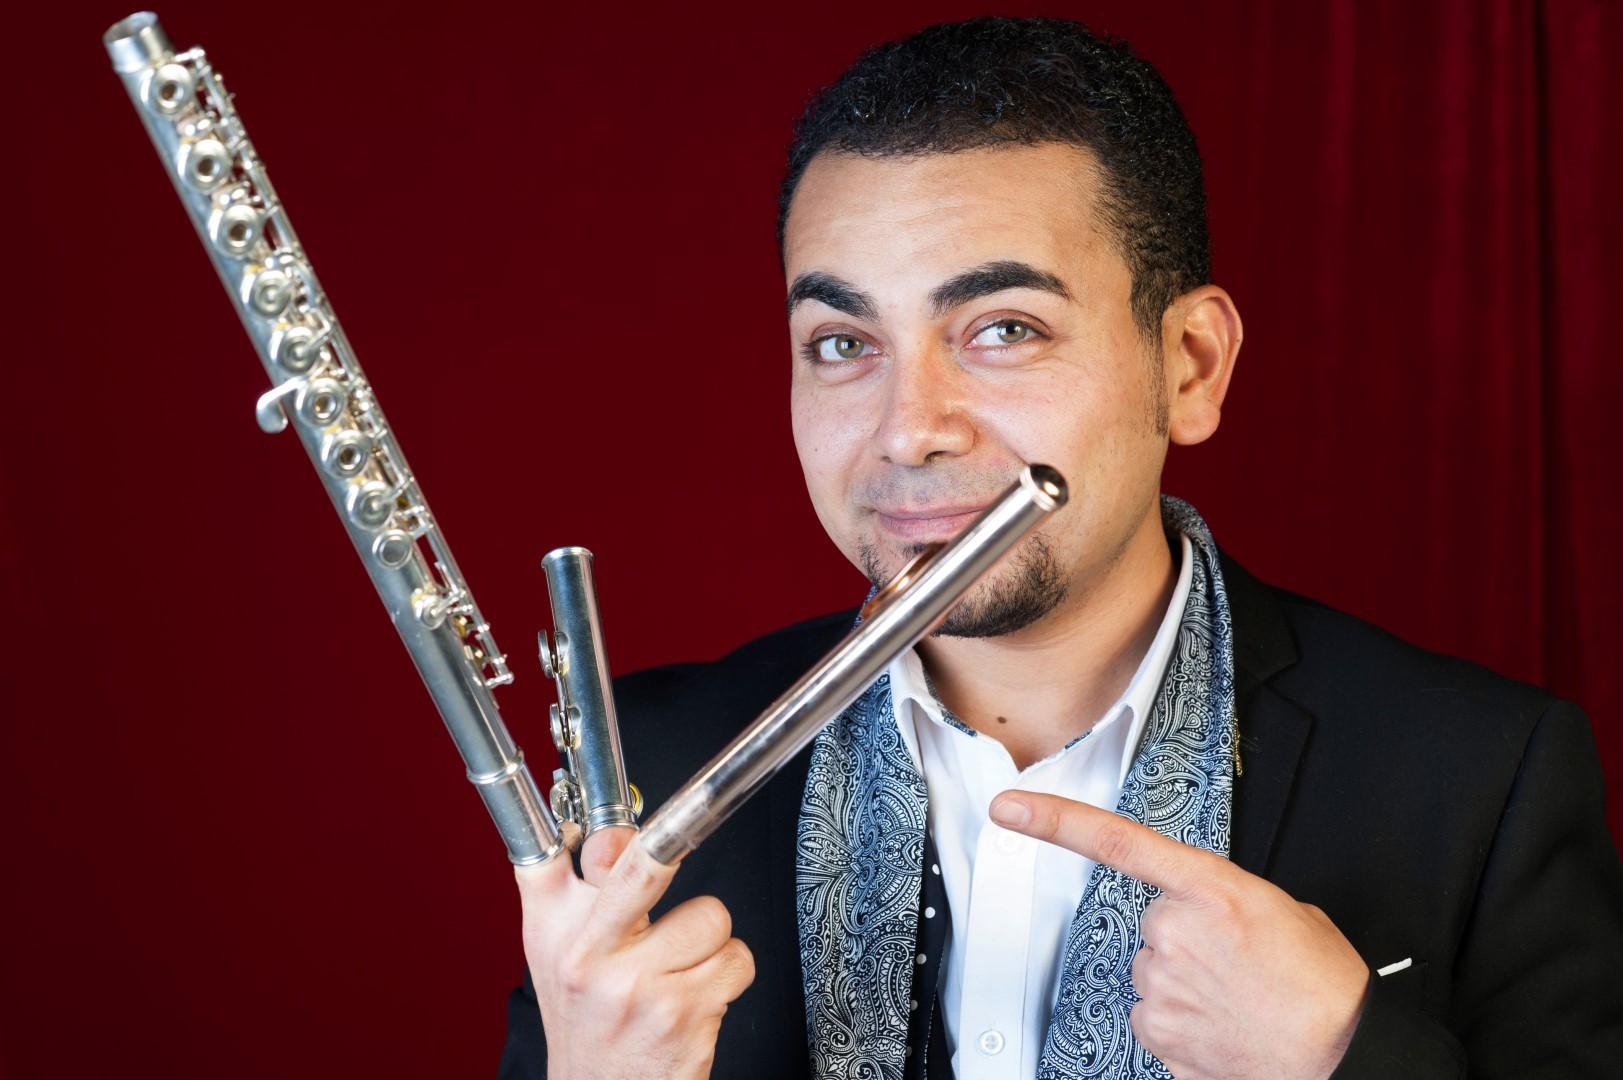 Dans le cadre des Rues en musique, le Duo Osiris, Mina Ghobrial à la flûte traversière et Anne-Sophie Pannetier à la harpe vont enchanter le Théâtre antique